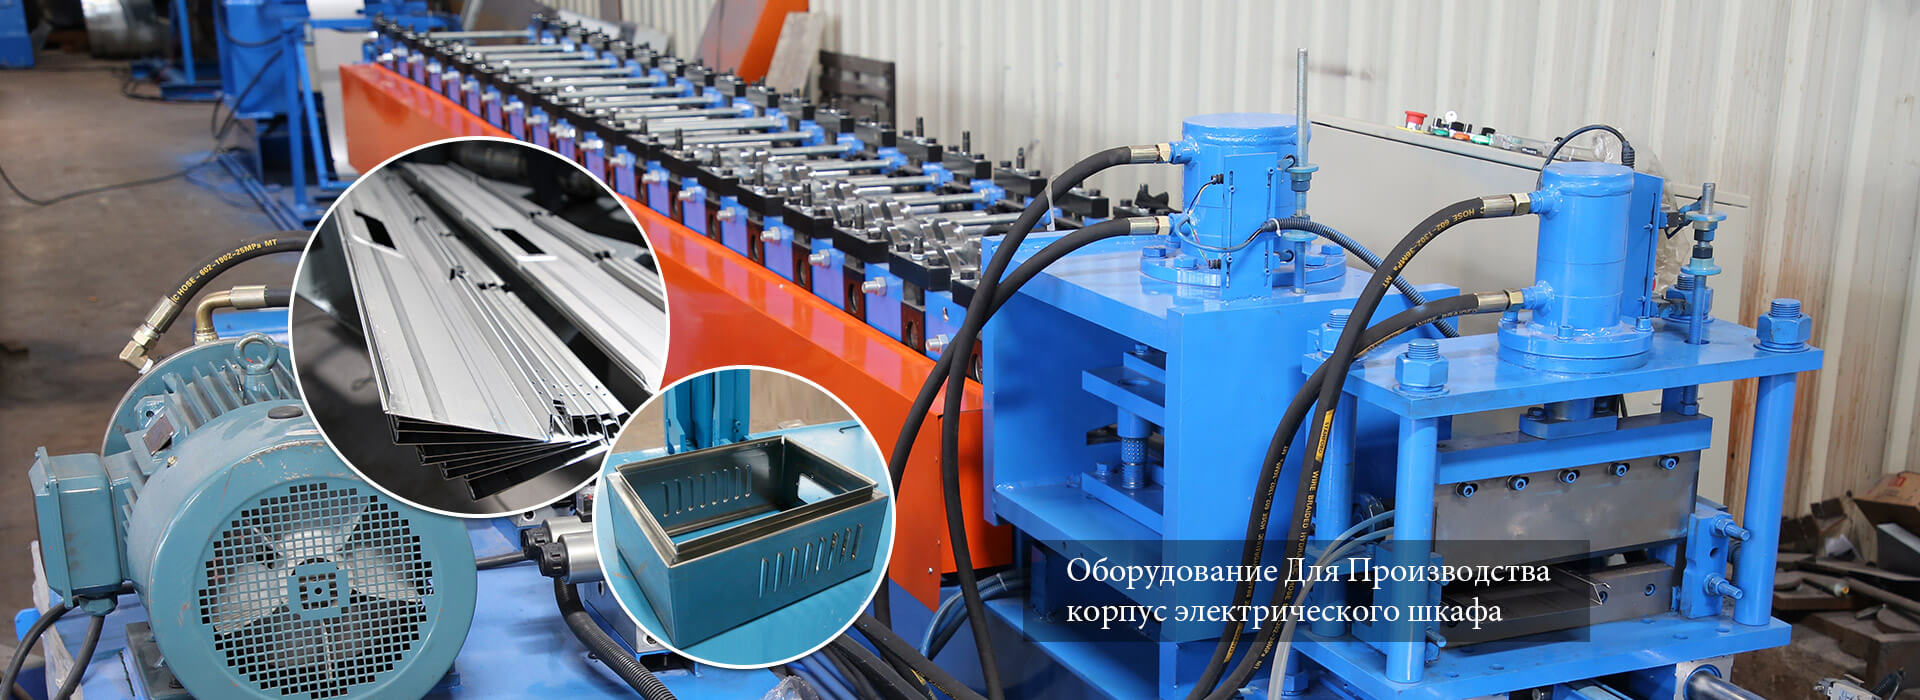 Оборудование Для Производства корпус электрического шкафа